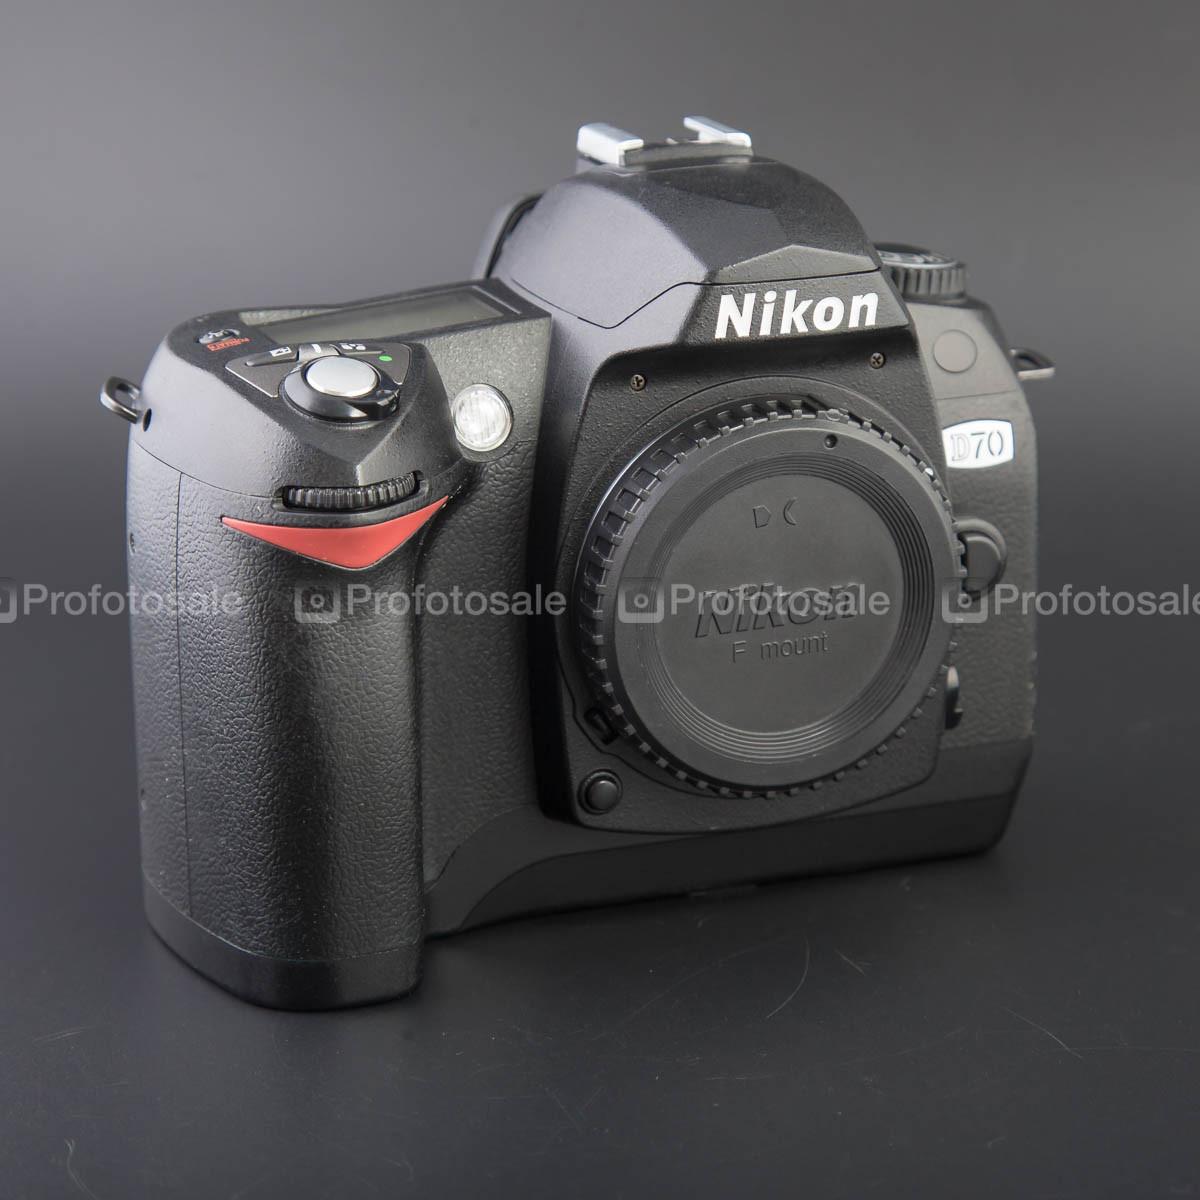 Nikon D70 kit AF-Nikkor 28 - 100mm 1:3.5 - 5.6 G